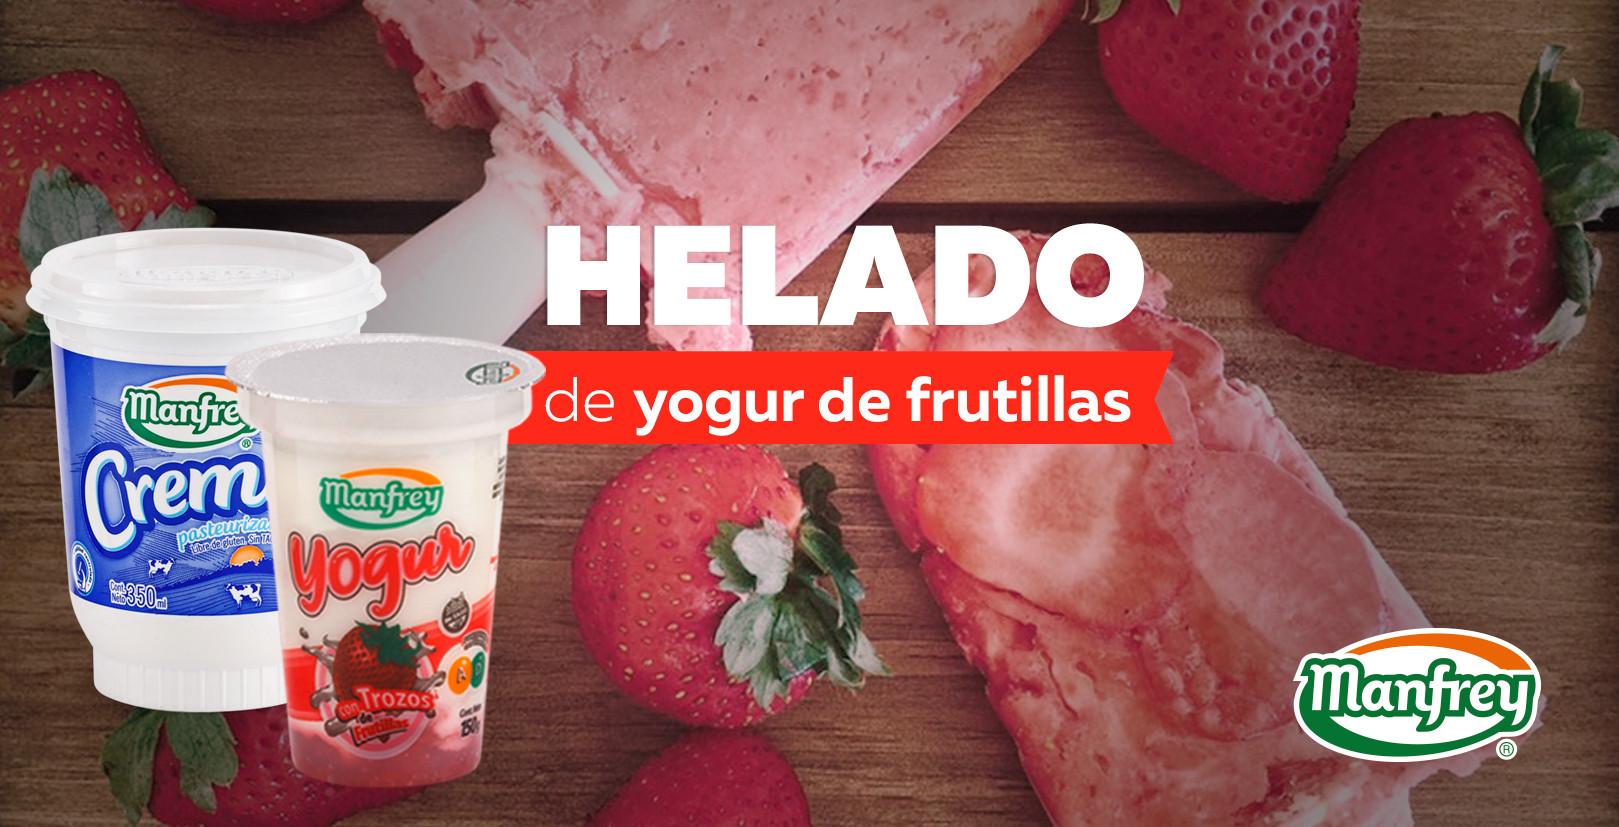 Helado de Yogur de frutillas